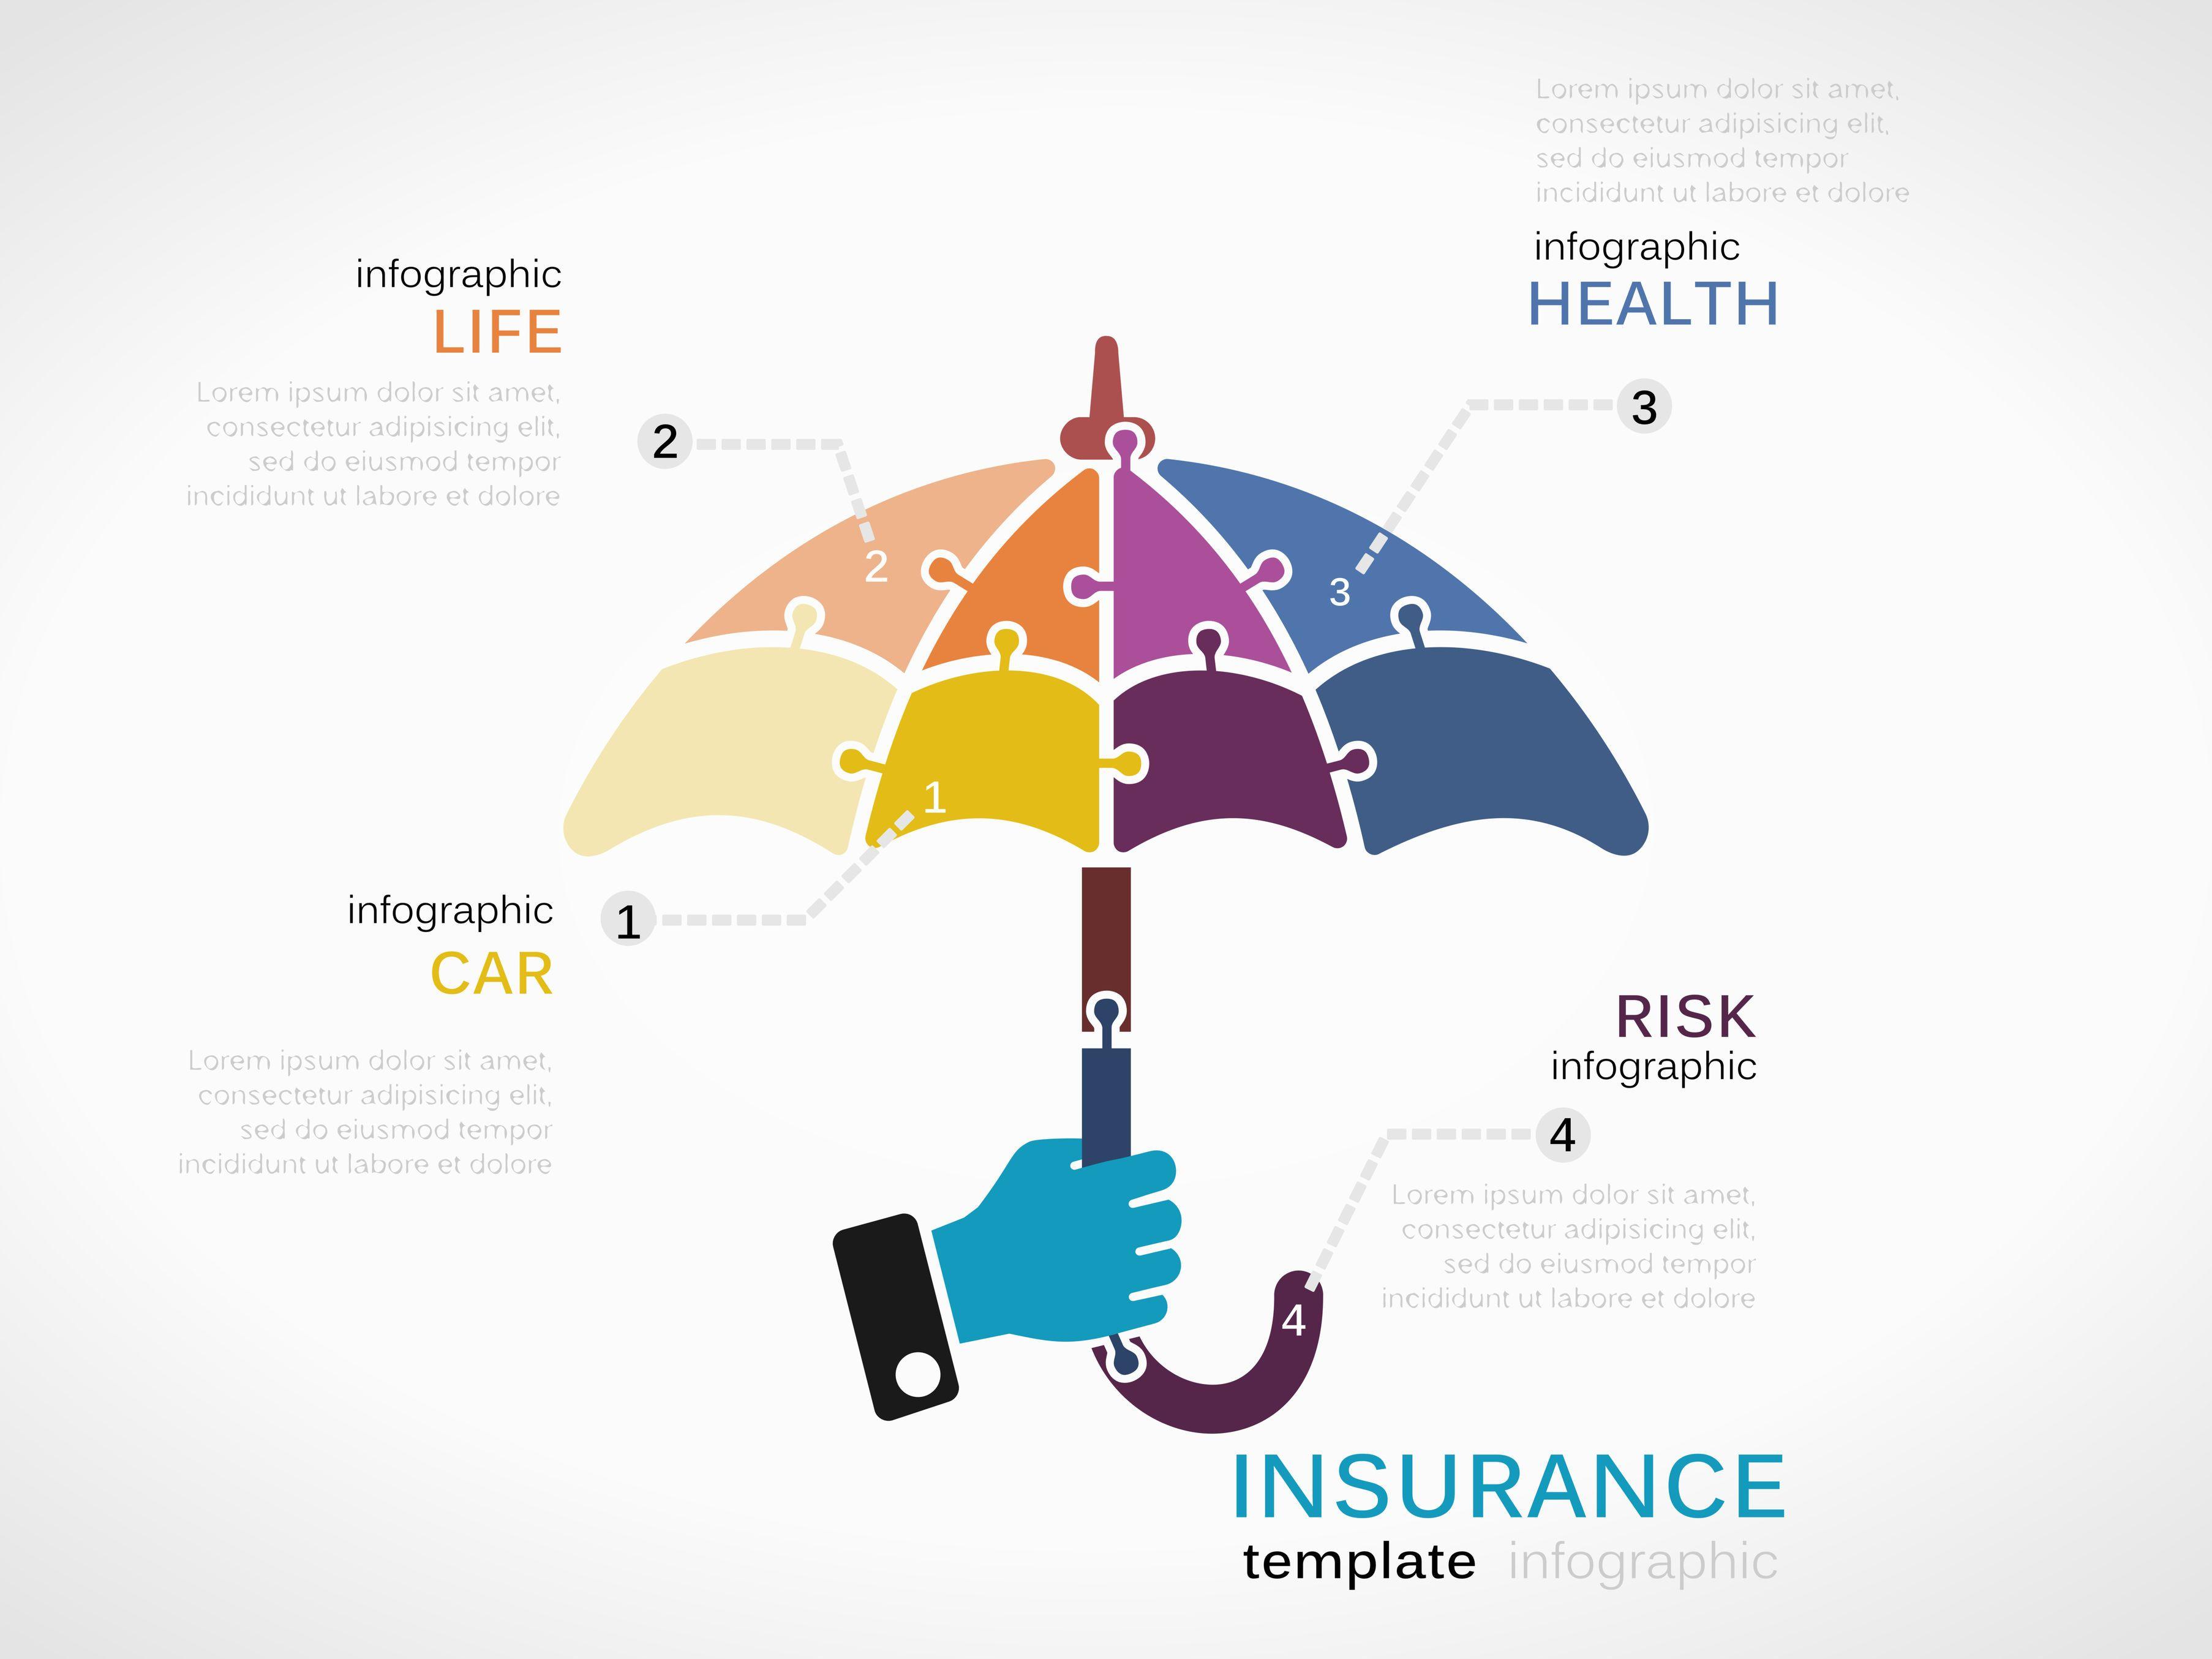 Managing Retirement Black And Retired Infographic Umbrella Umbrella Photo